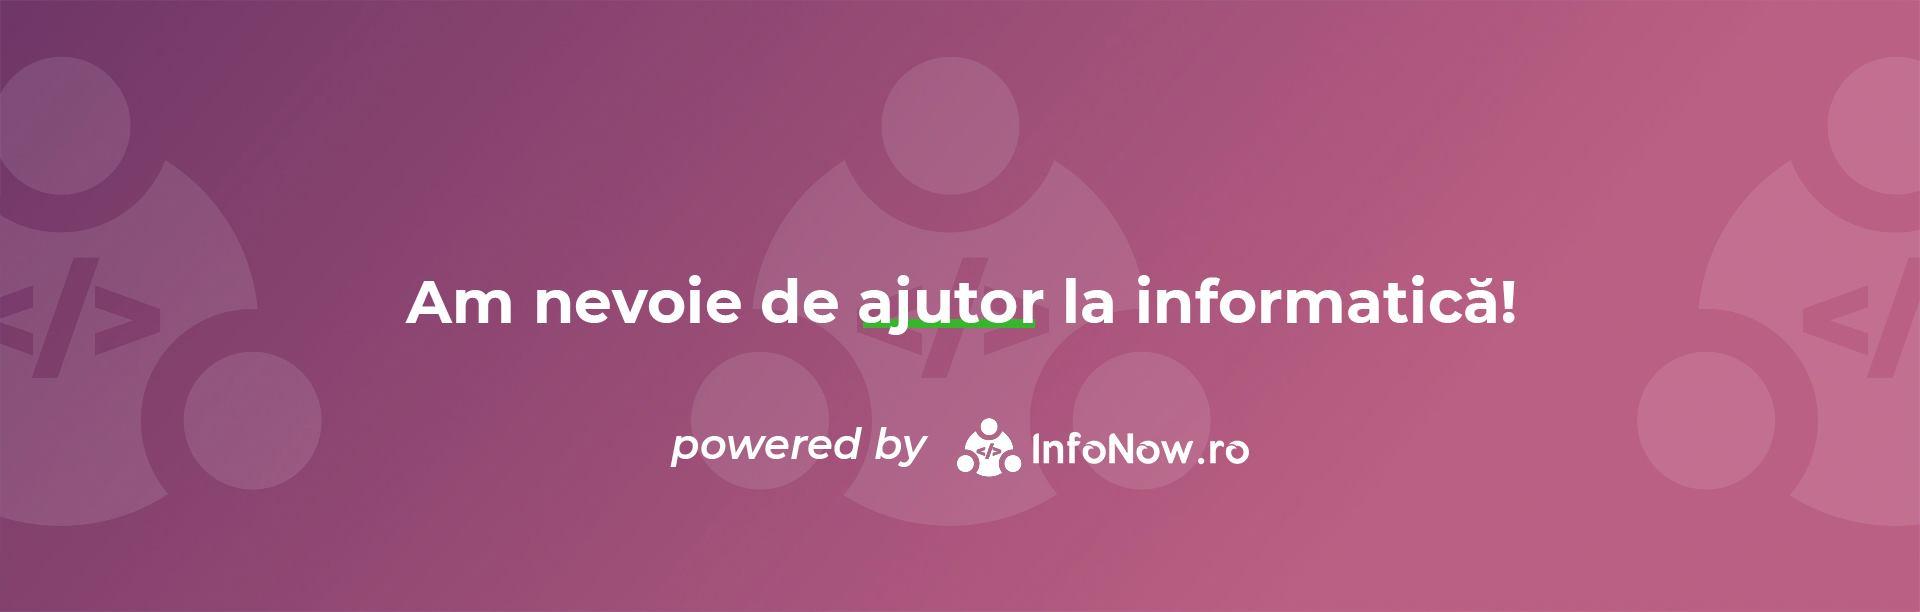 InfoNow.ro